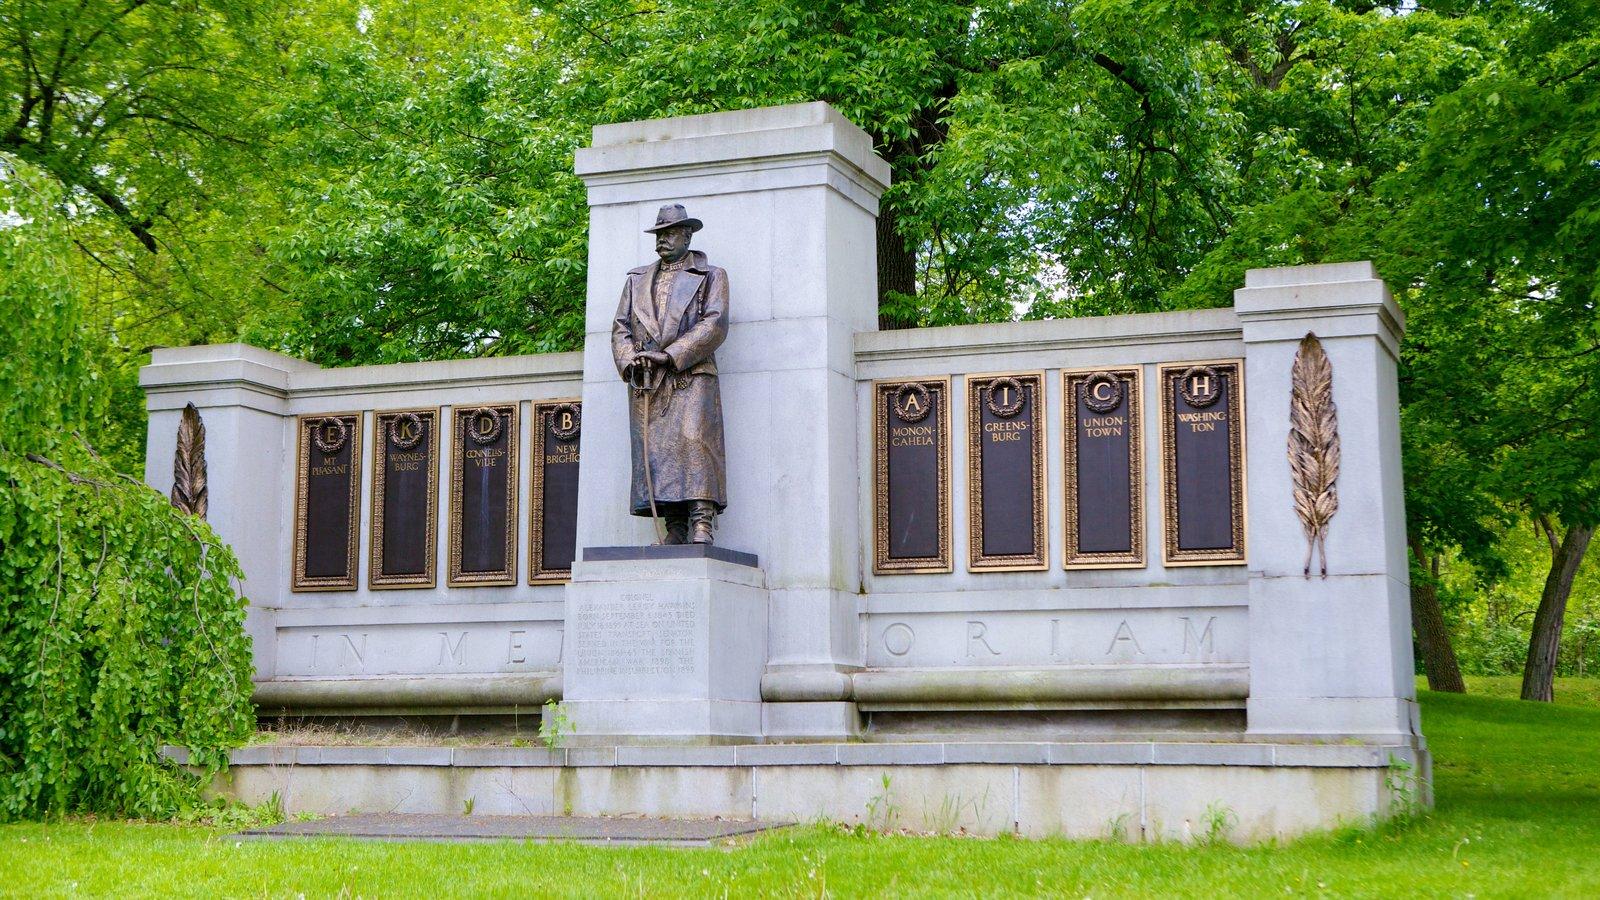 Schenley Park caracterizando um memorial, um parque e uma estátua ou escultura